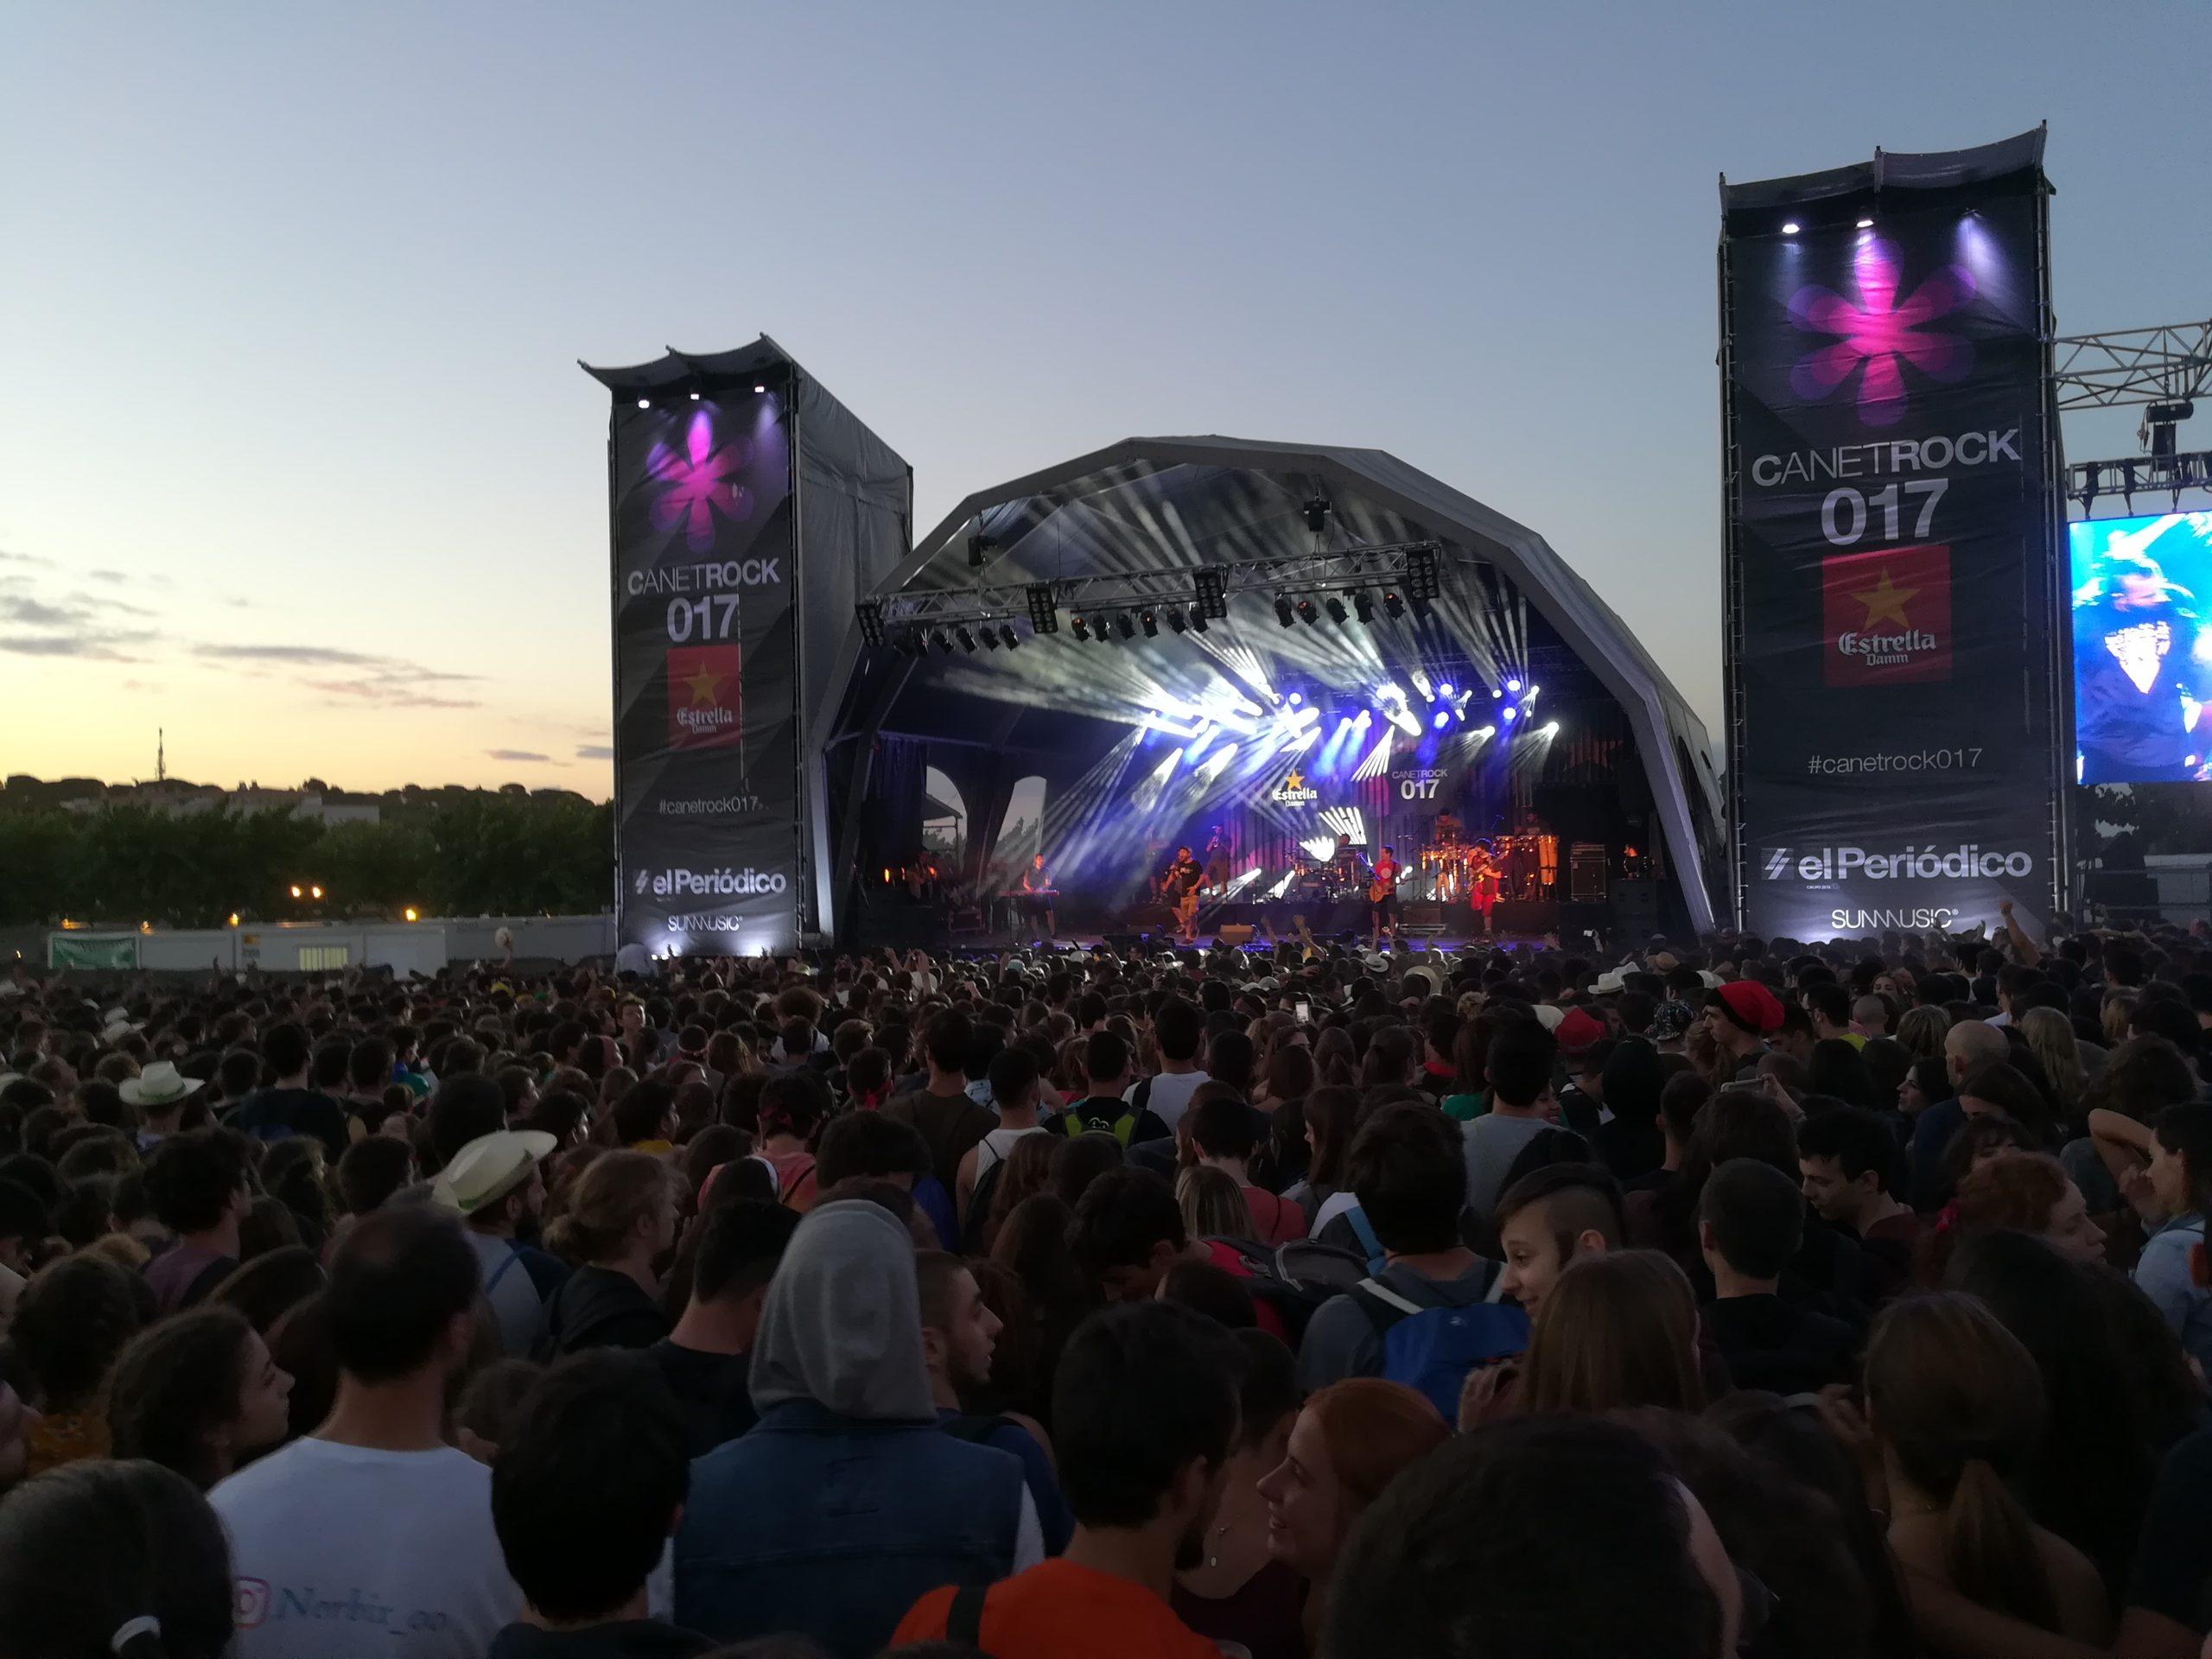 Imatge del CanetRock 2017, durant el concert de Txarango.